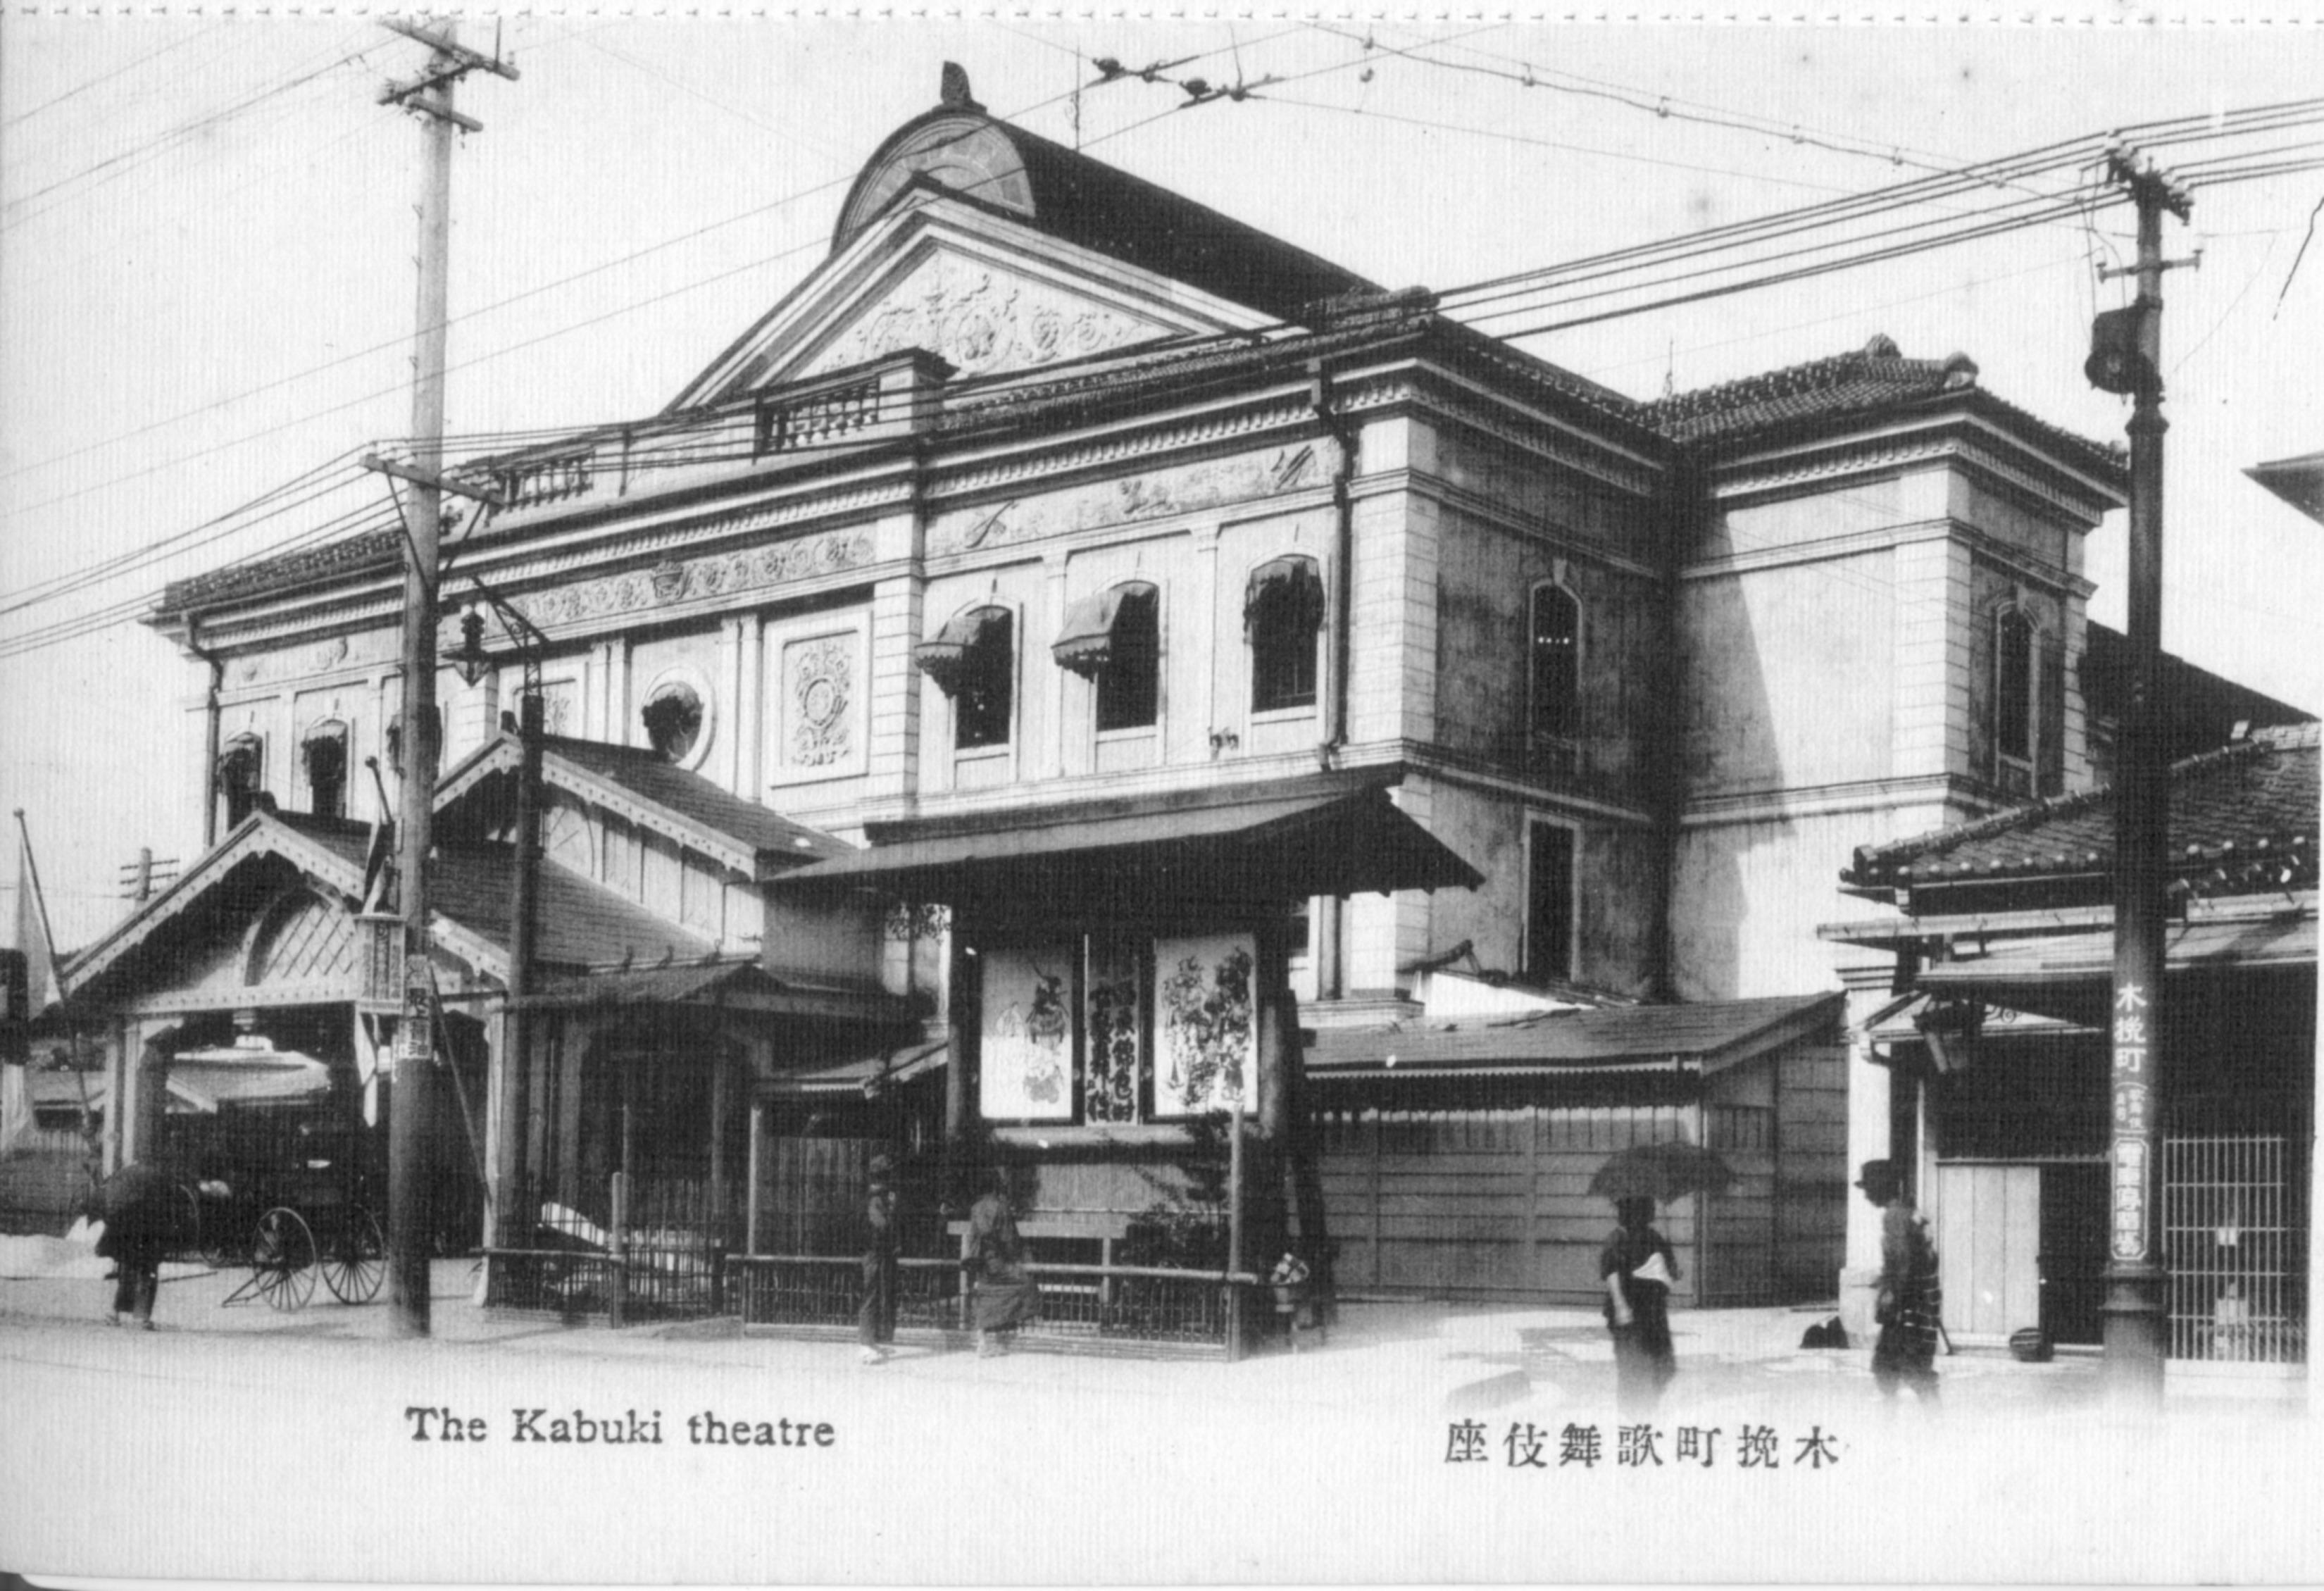 Kabuki Theatre History Kabuki za Theatre in 1911 Jpg